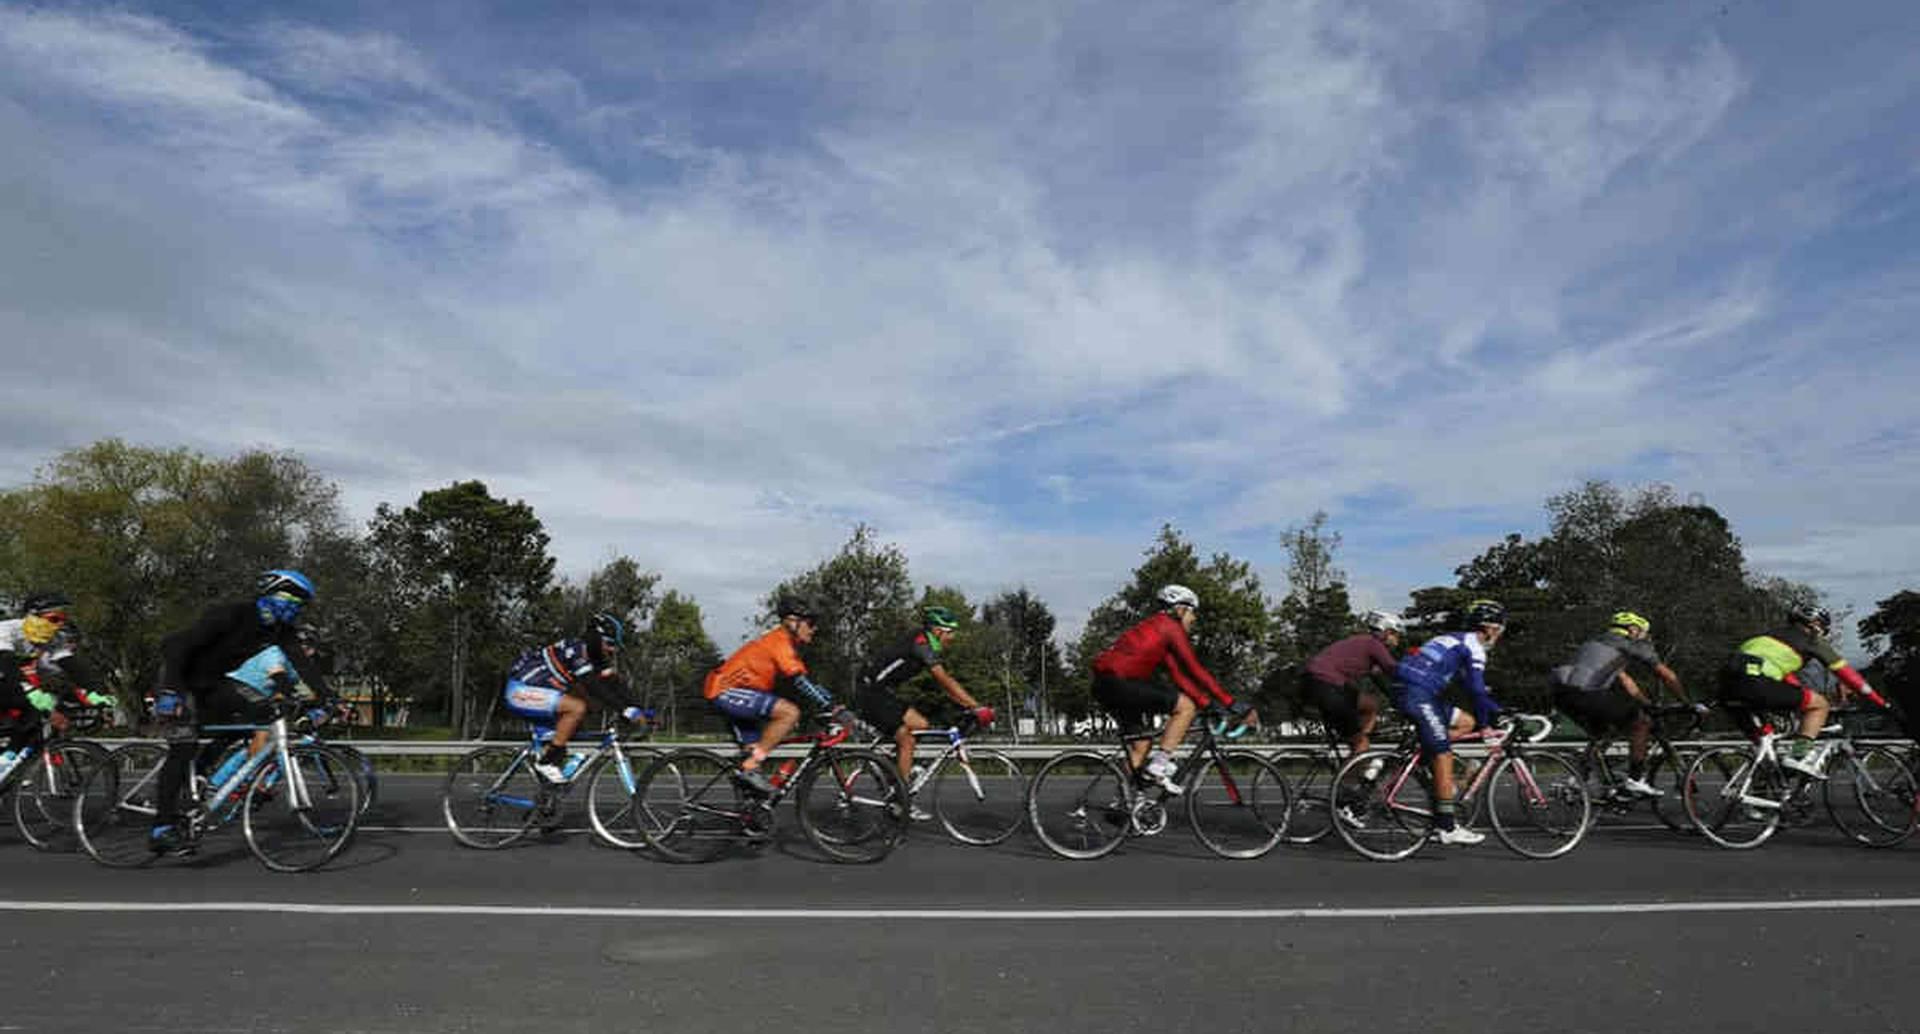 Según cifras del Centro de Estudios e Investigaciones (CEIS) el último fin de semana más de 17.000 biciusuarios recorrieron las ciclorrutas habilitadas. Foto: Guillermo Torres / SEMANA